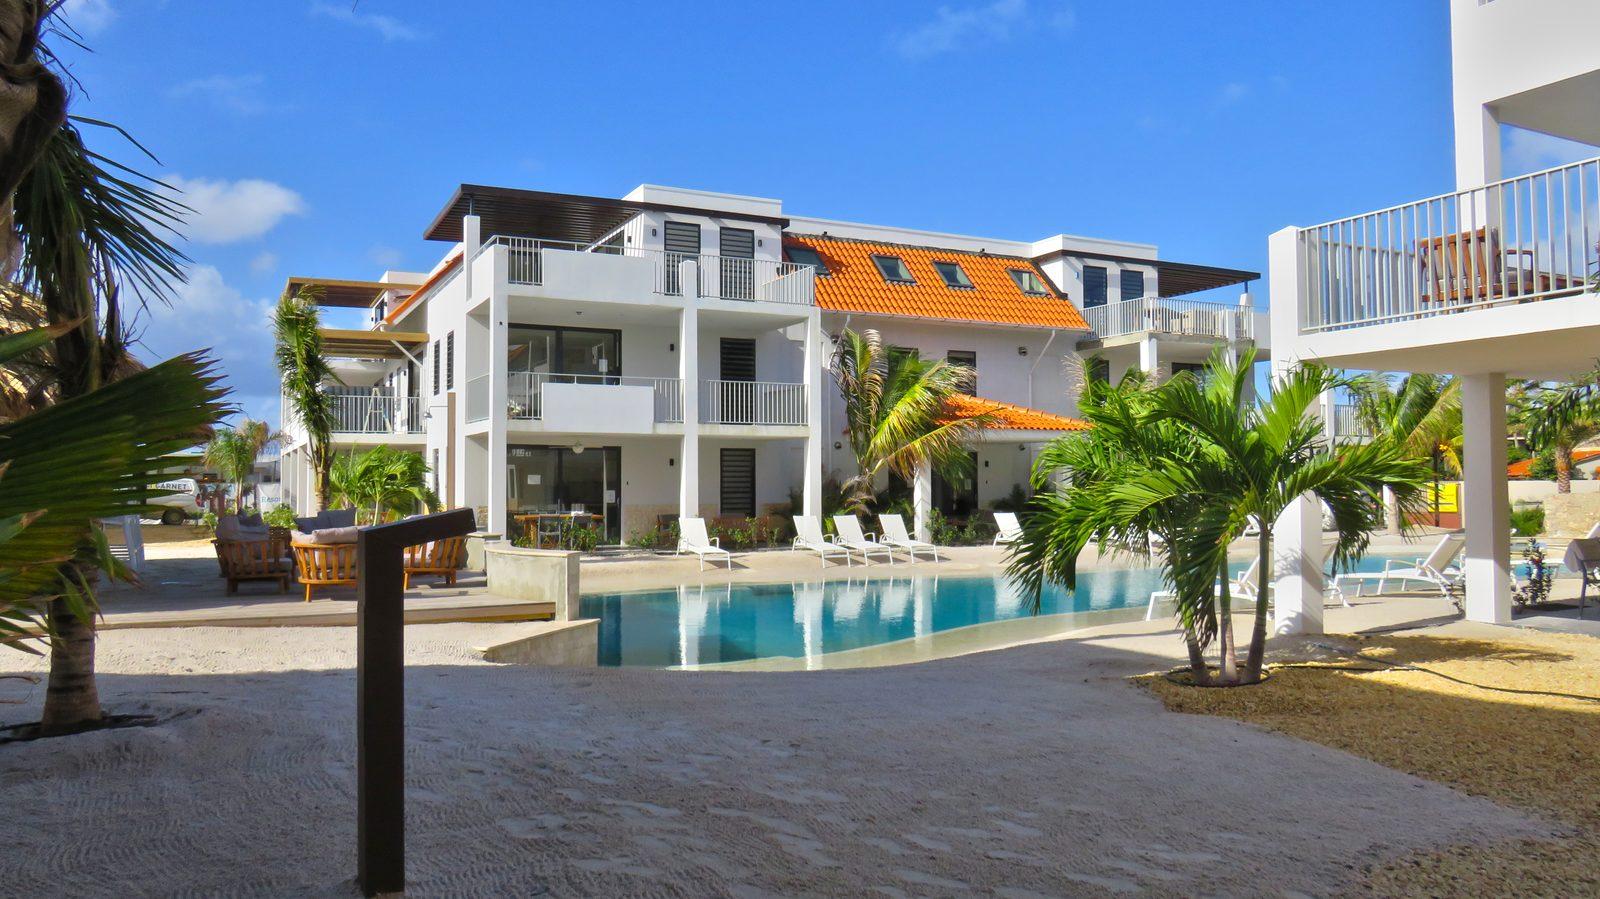 Une piscine à Bonaire? Vous la trouverez au Resort Bonaire. Nous disposons d'une plage de sable fin où adultes et enfants peuvent s'amuser.